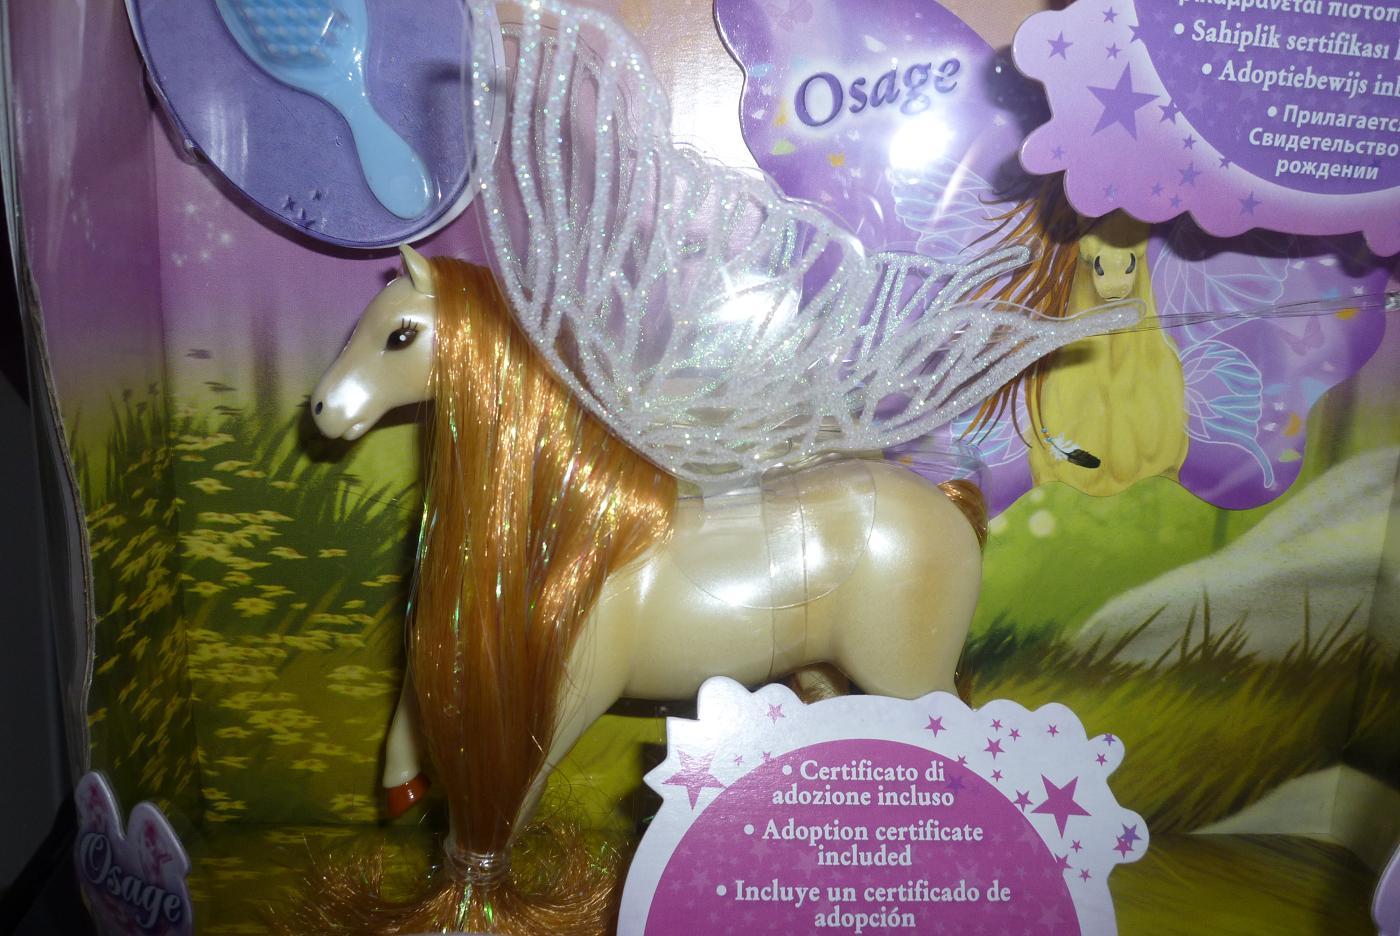 Les jouets US bientôt en France : infos ?? Osage_10